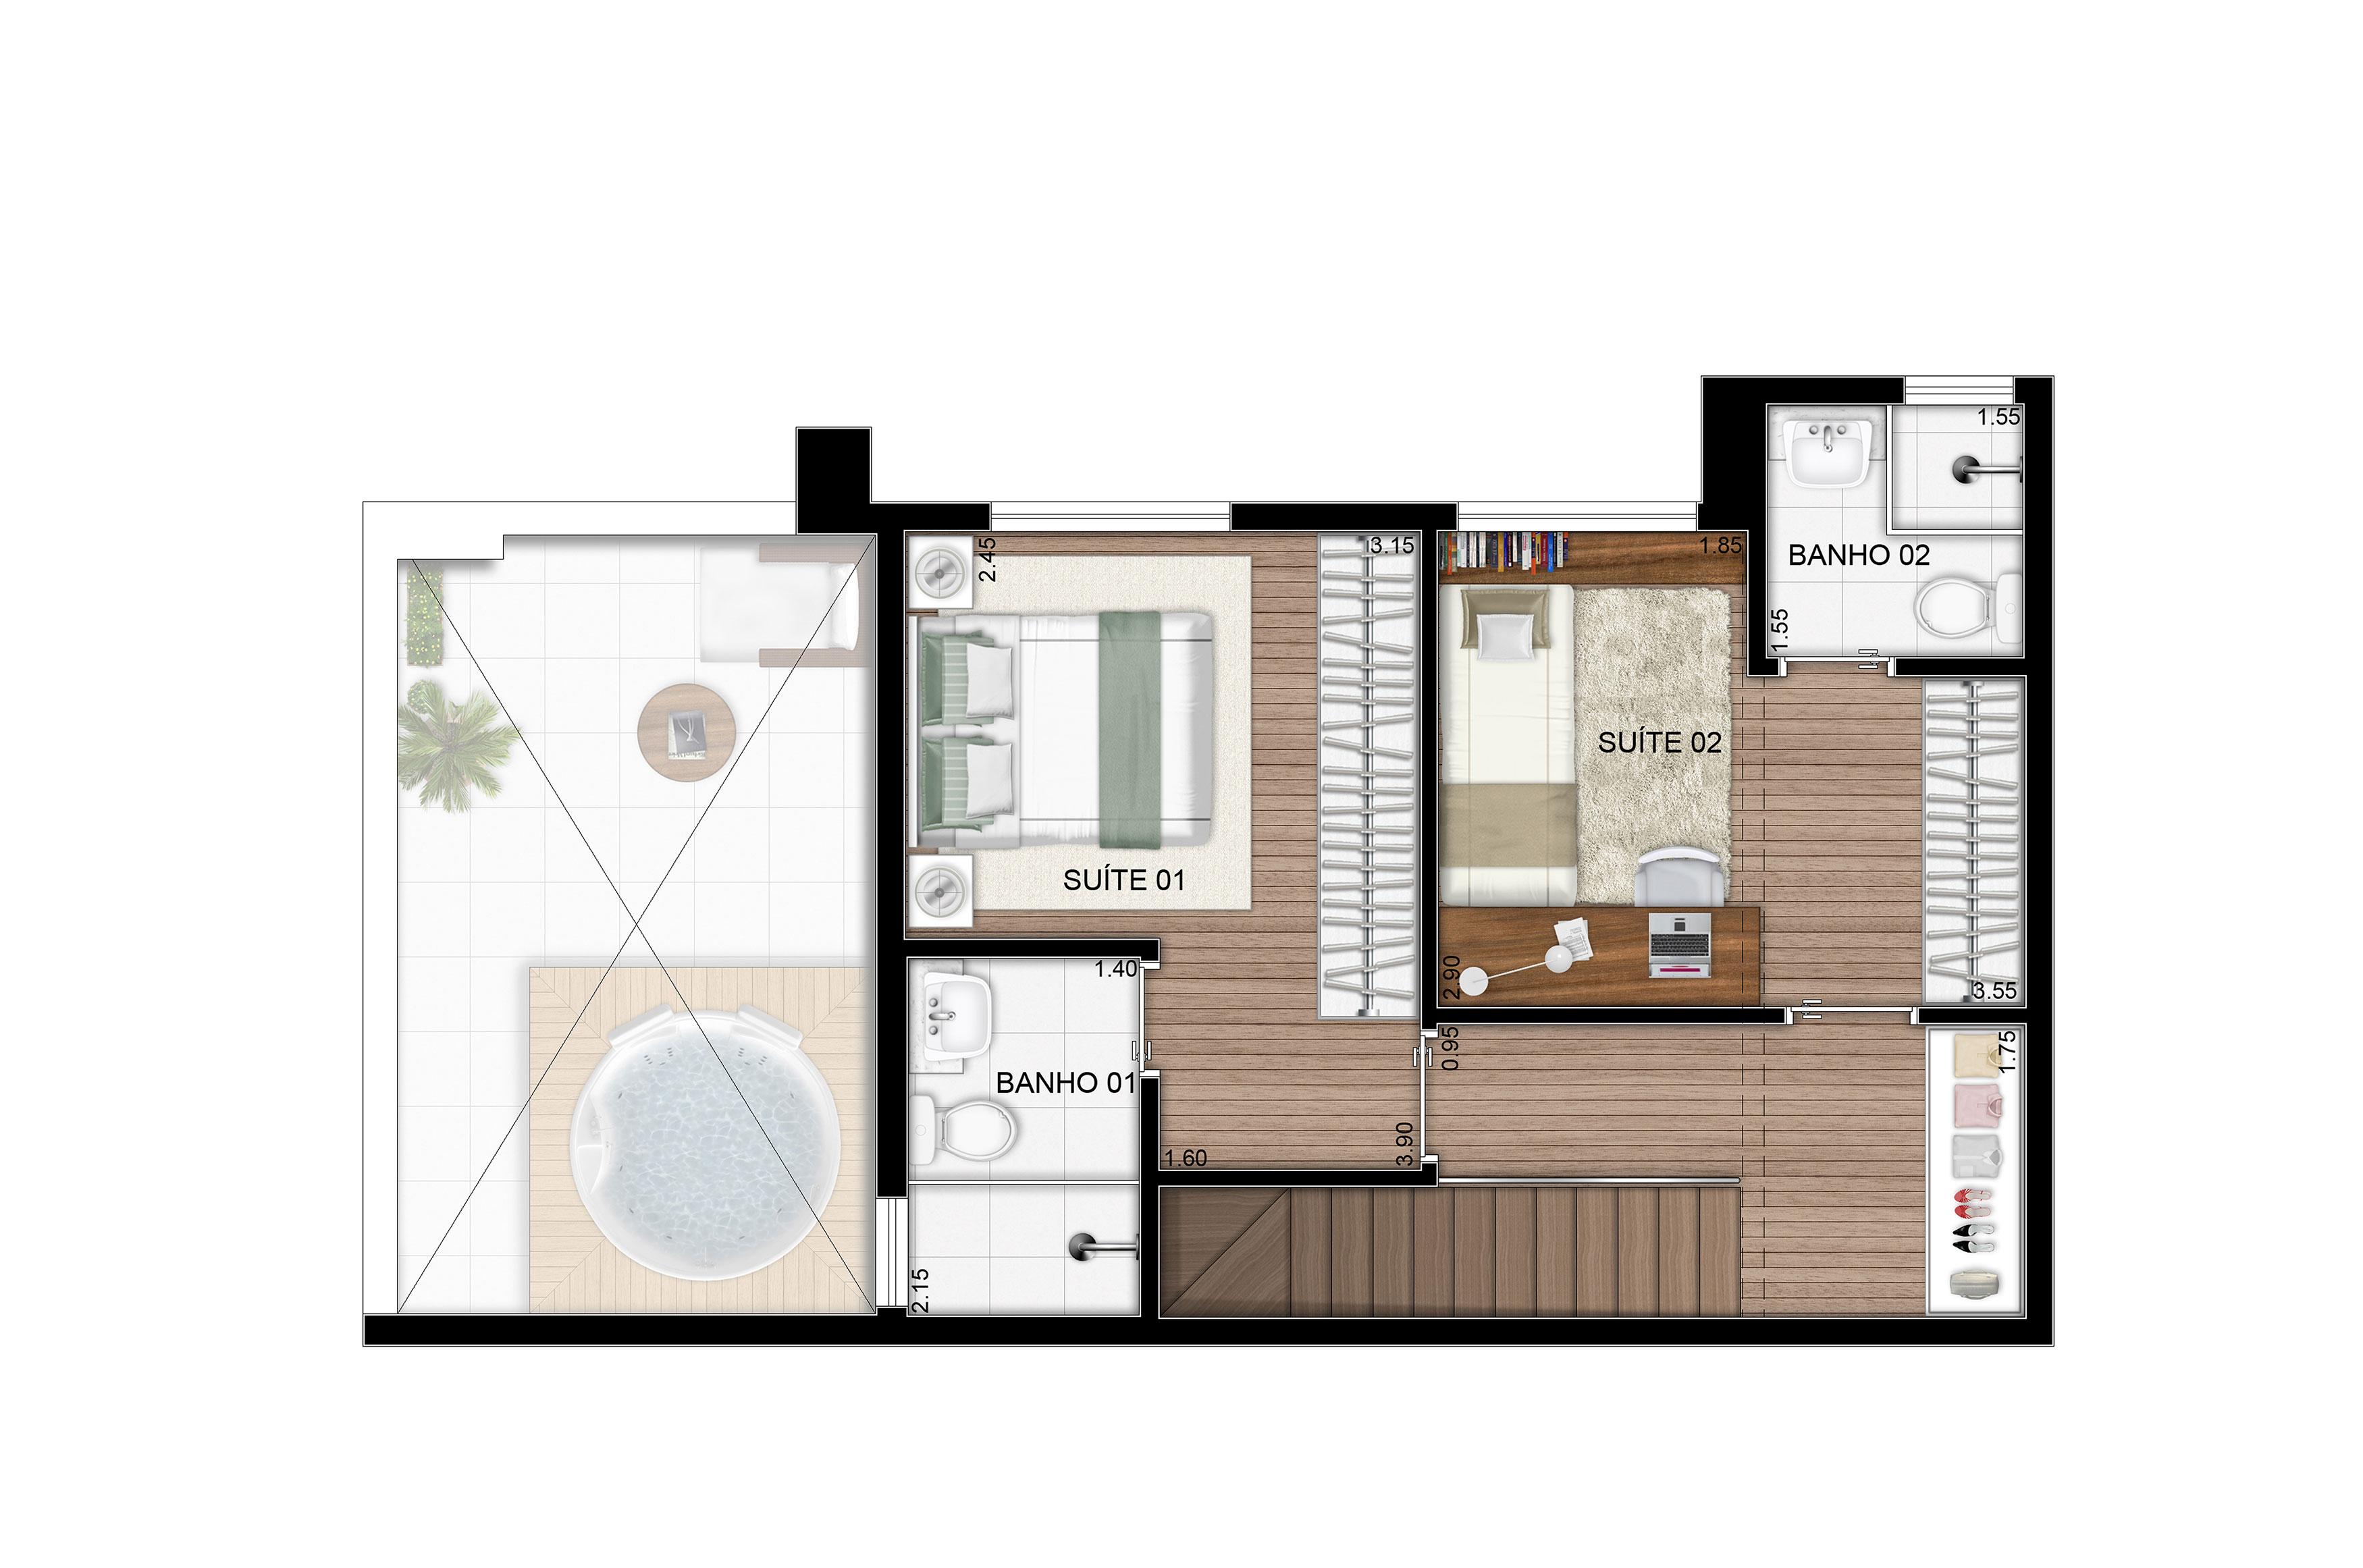 107,25 m² - Duplex superior